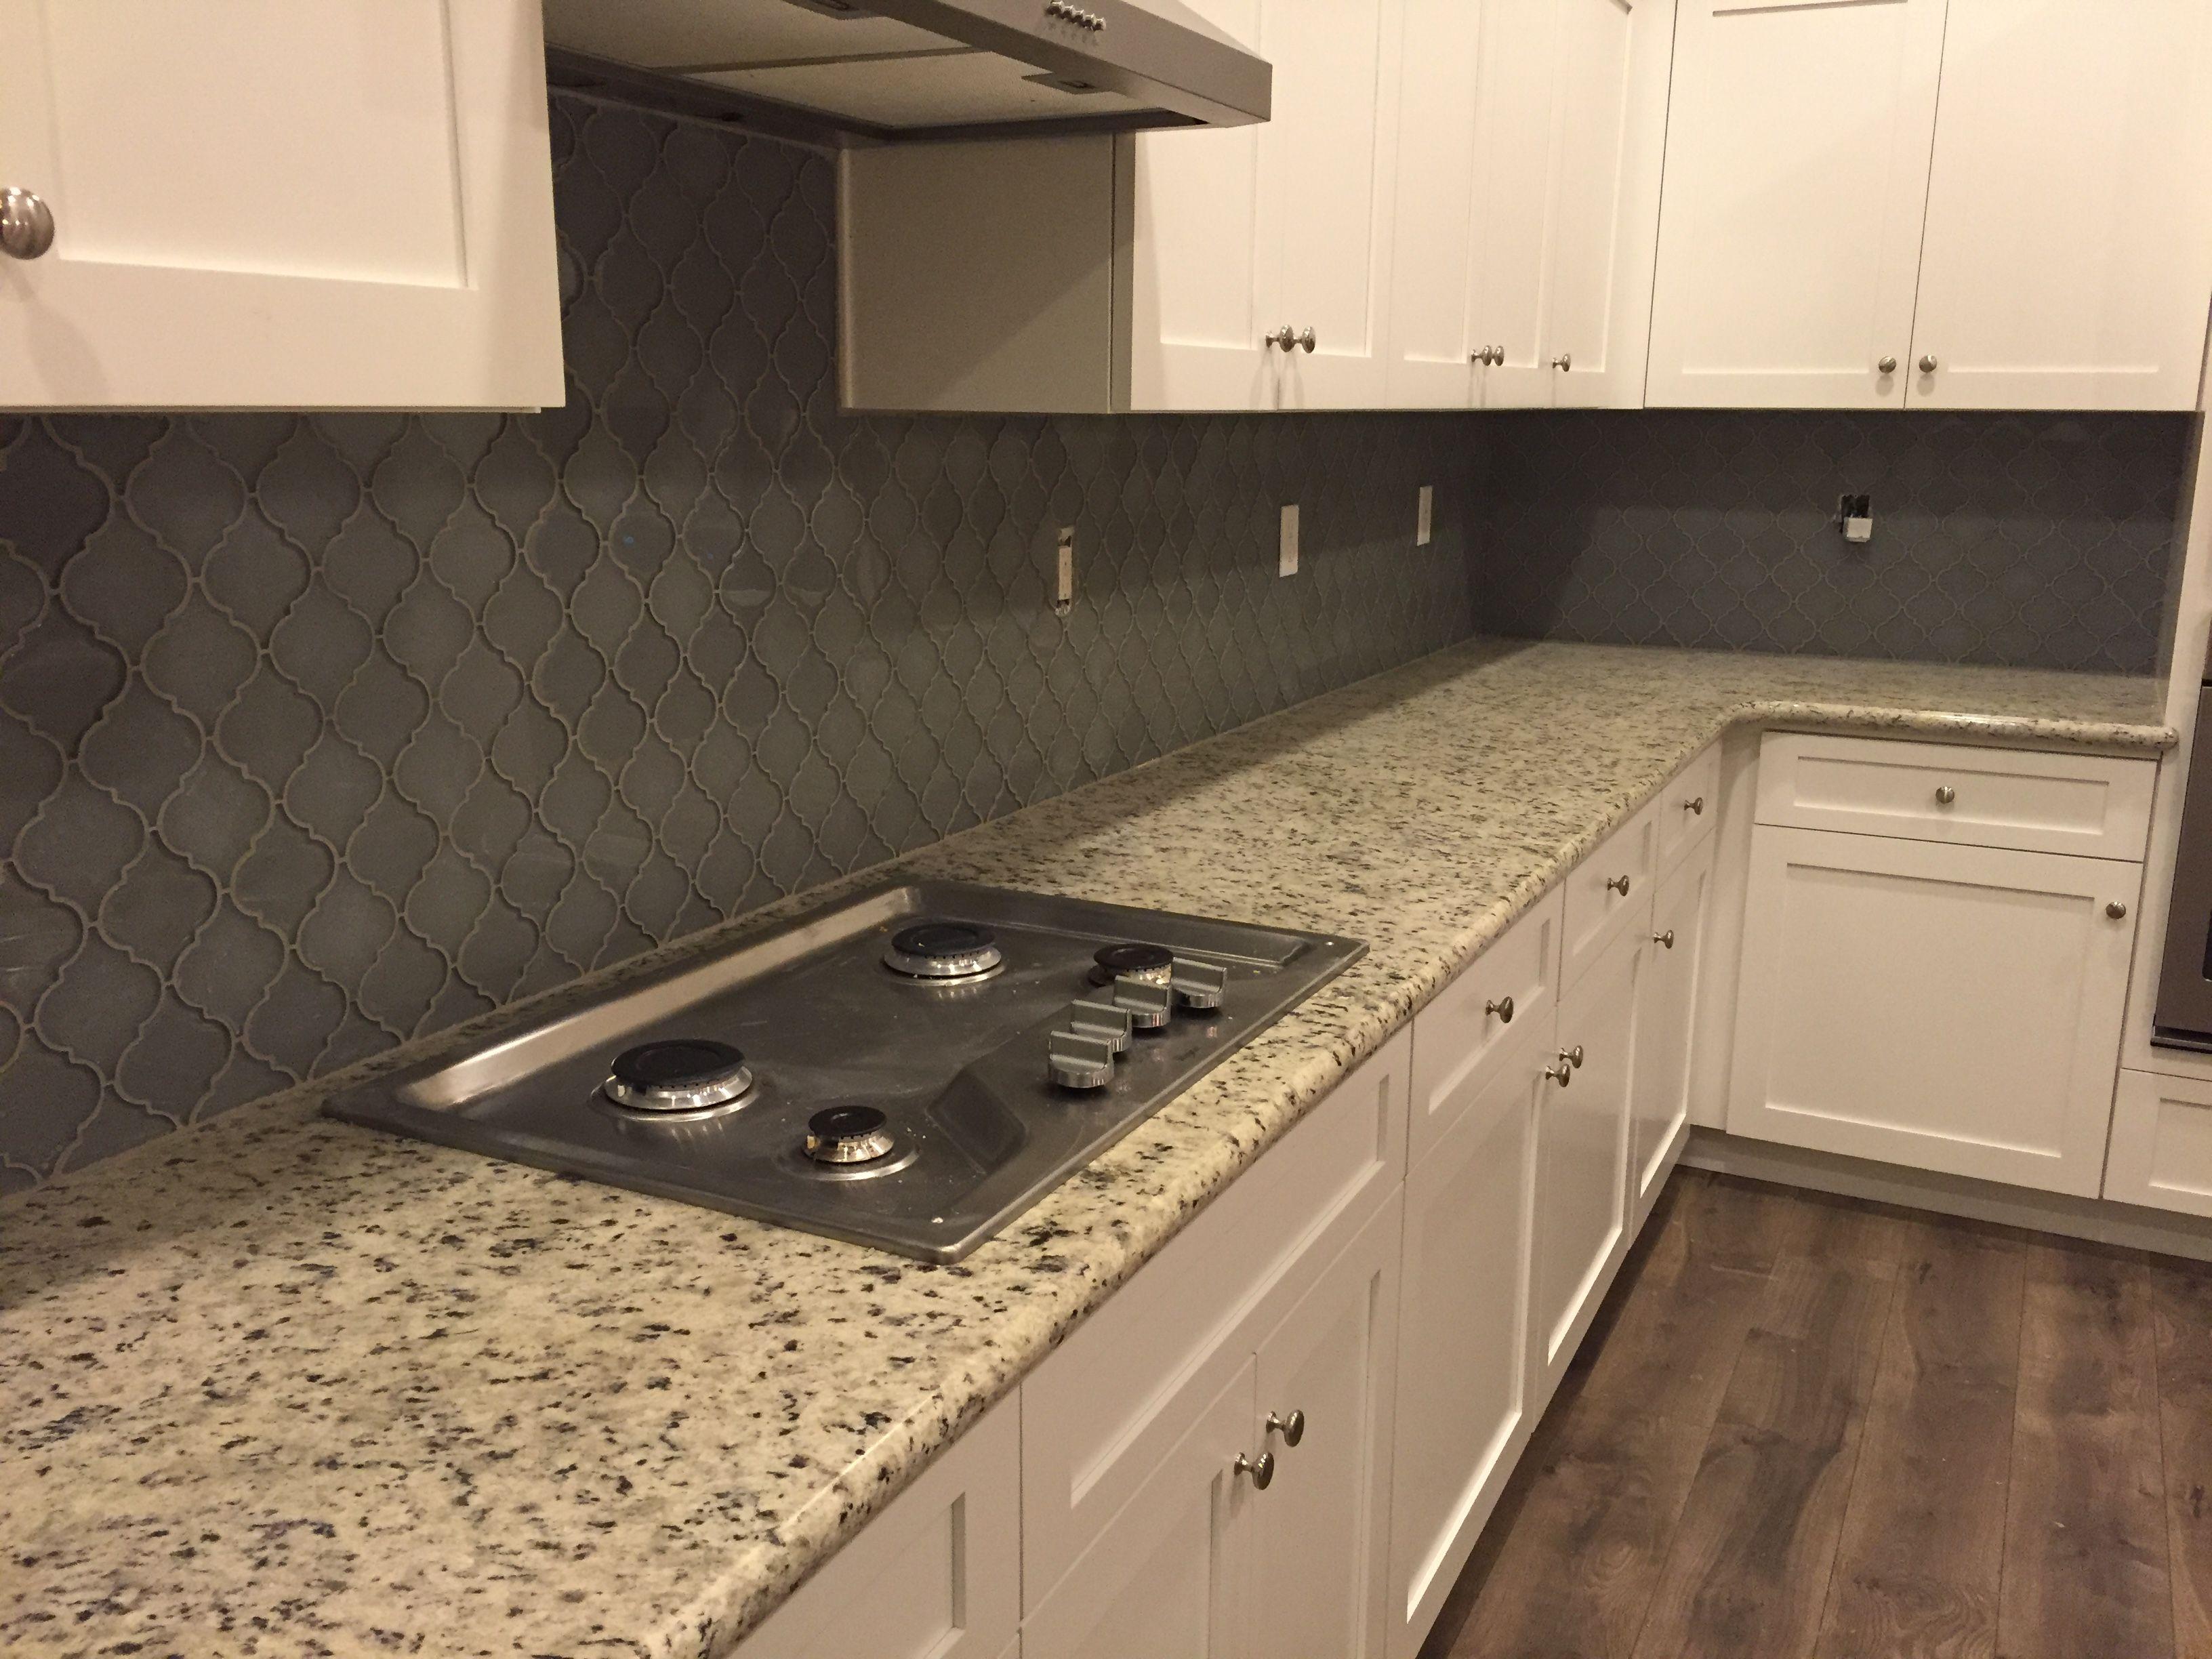 White Dallas Granite White Shaker Cabinets Arabesque Grey Lantern Glass Tile Backsplash M White Granite Countertops White Kitchen Vintage White Modern Kitchen